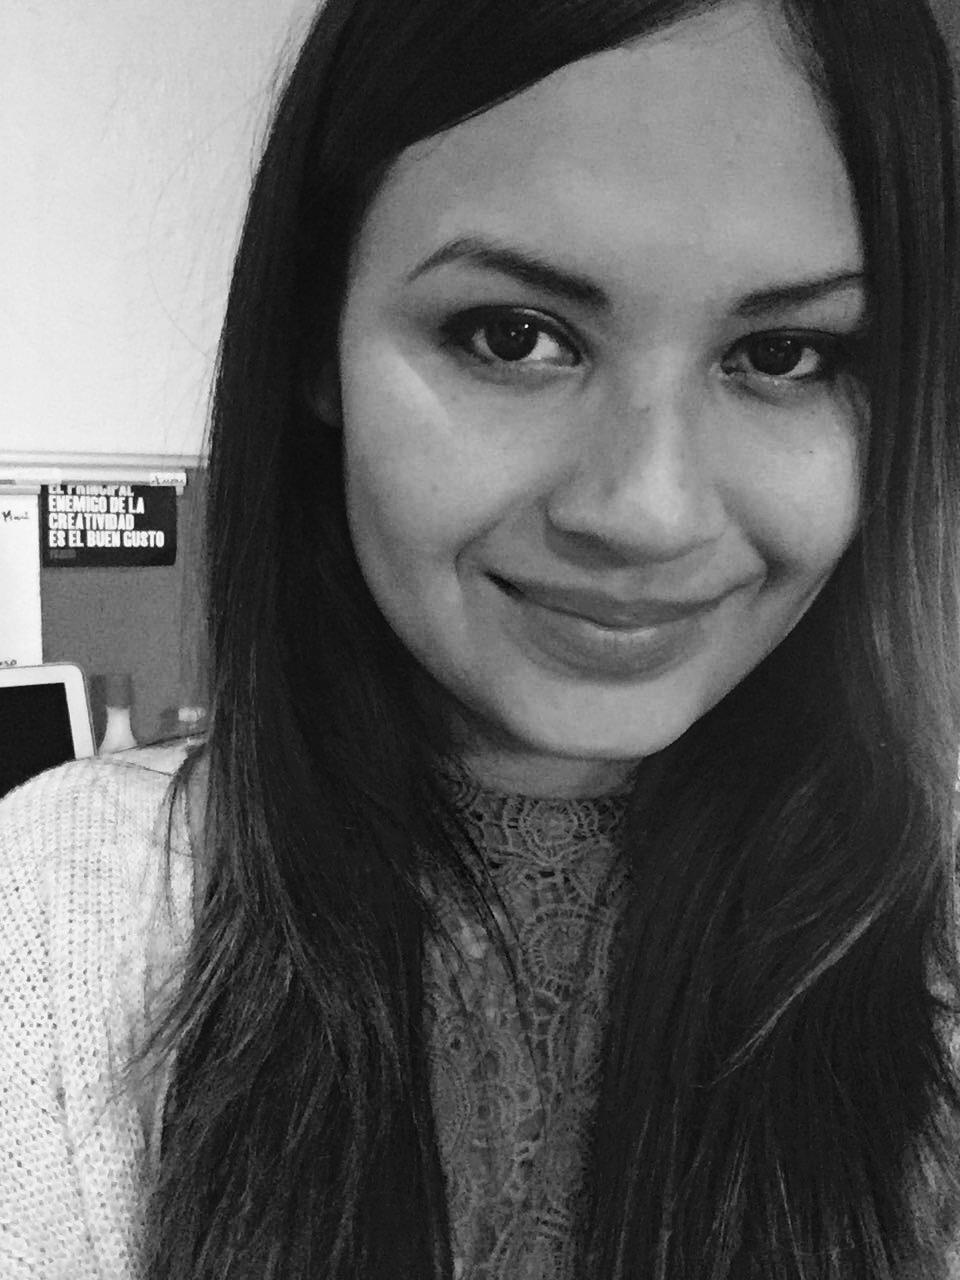 María Esparza López. - Socióloga por la Universidad de Guadalajara, ha coordinado más de 30 programas de intervención comunitaria, principalmente en proyectos de prevención de violencia escolar y comunitaria. Tiene experiencia en investigación aplicada, diseño de programas y gestión pública. Se especializa en prevención de violencia en materia de juventud. Ha colaborado con universidades, gobiernos, organizaciones civiles y empresas sociales.